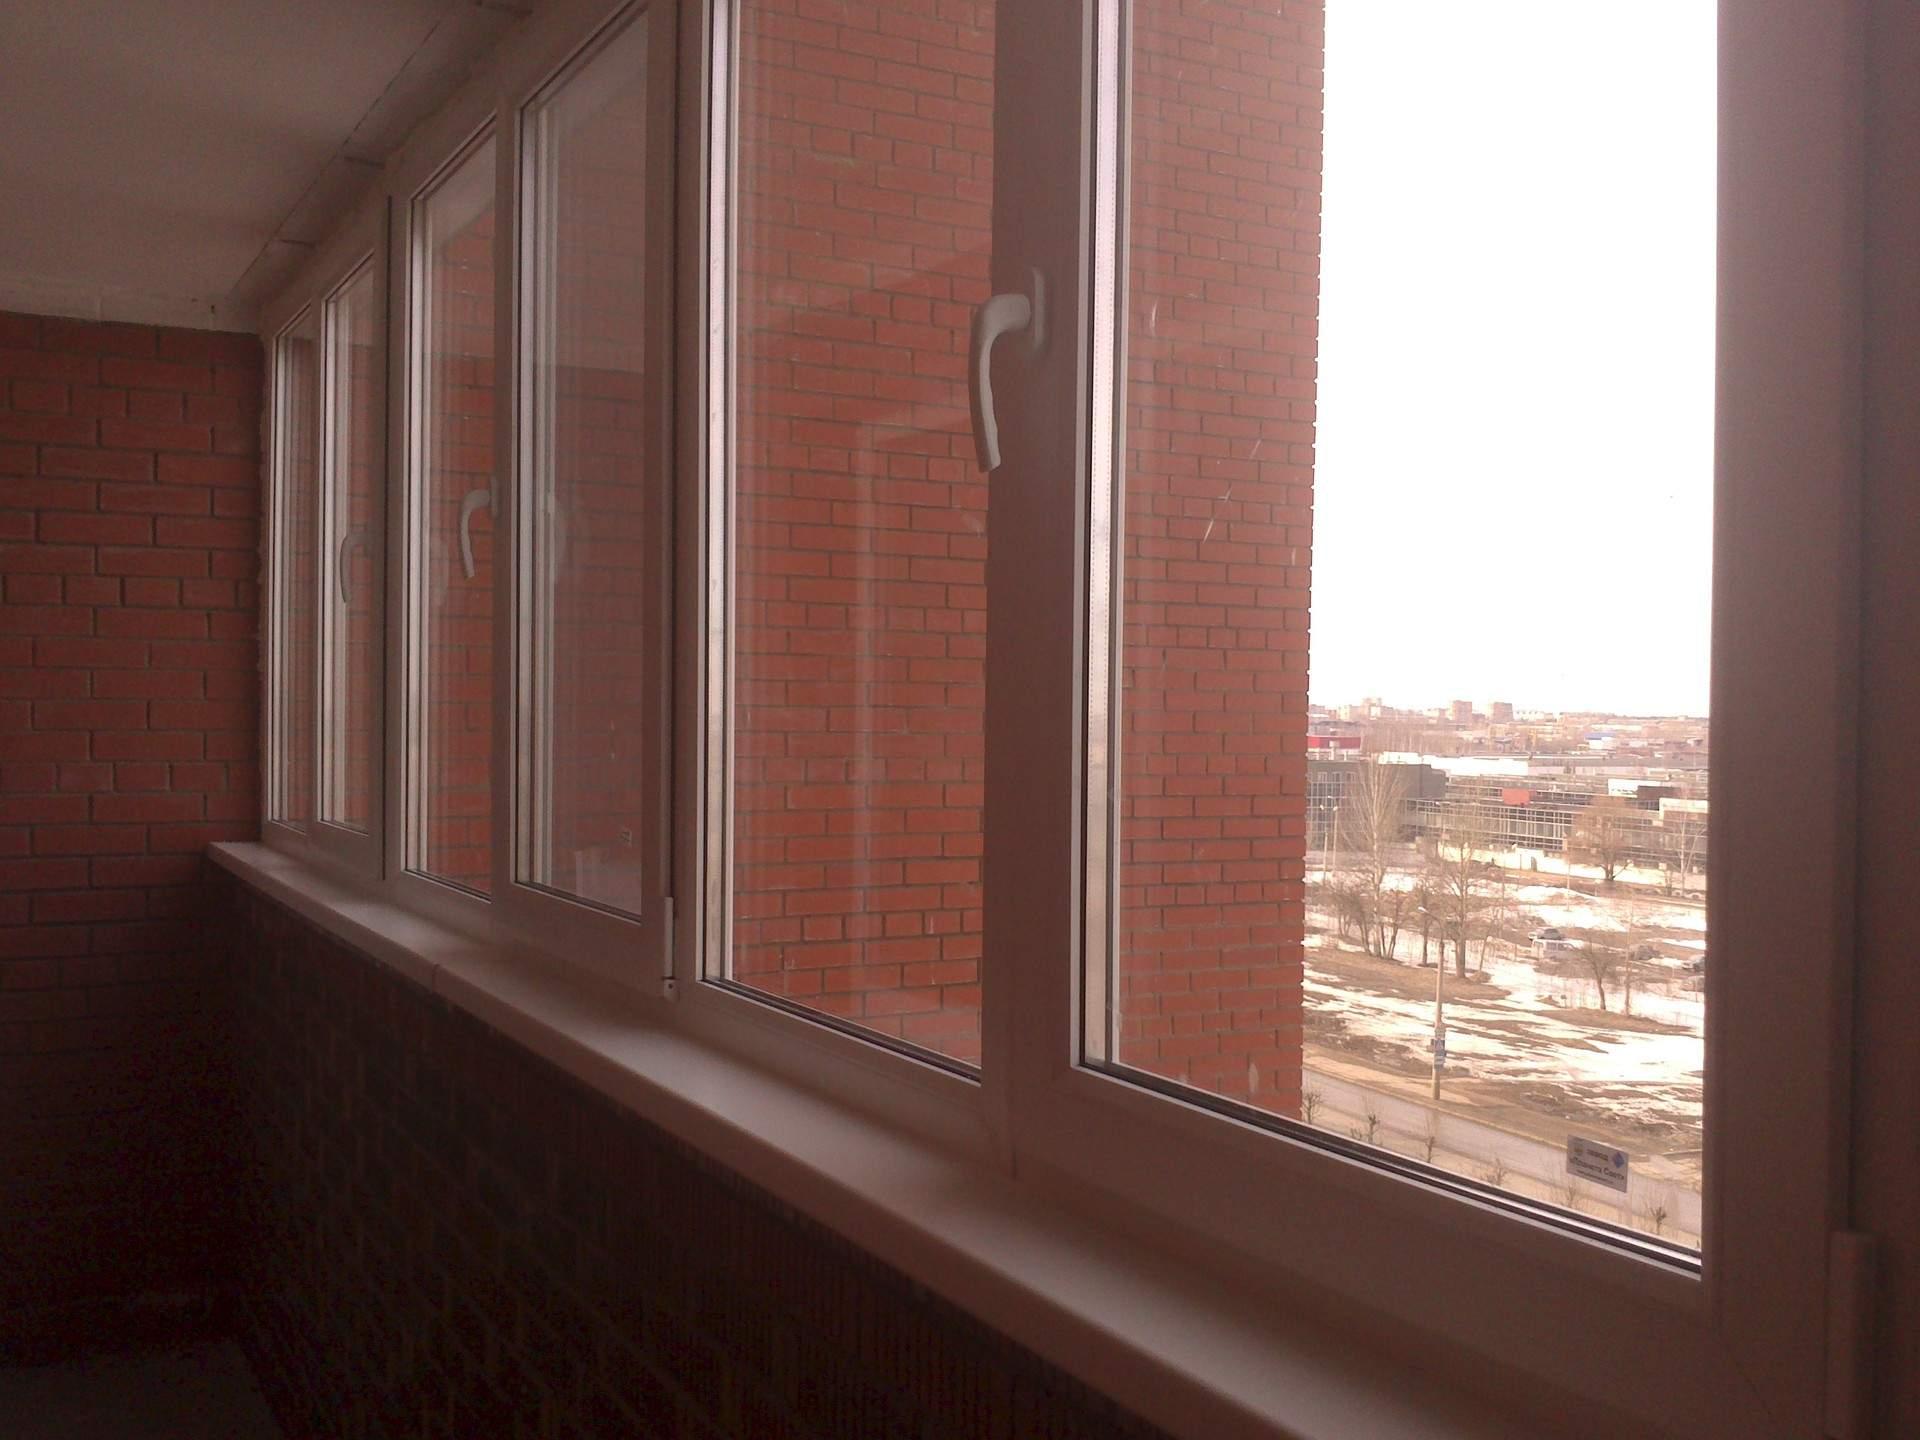 Veka остекление балконов отзывы : самая старая коллекция фот.